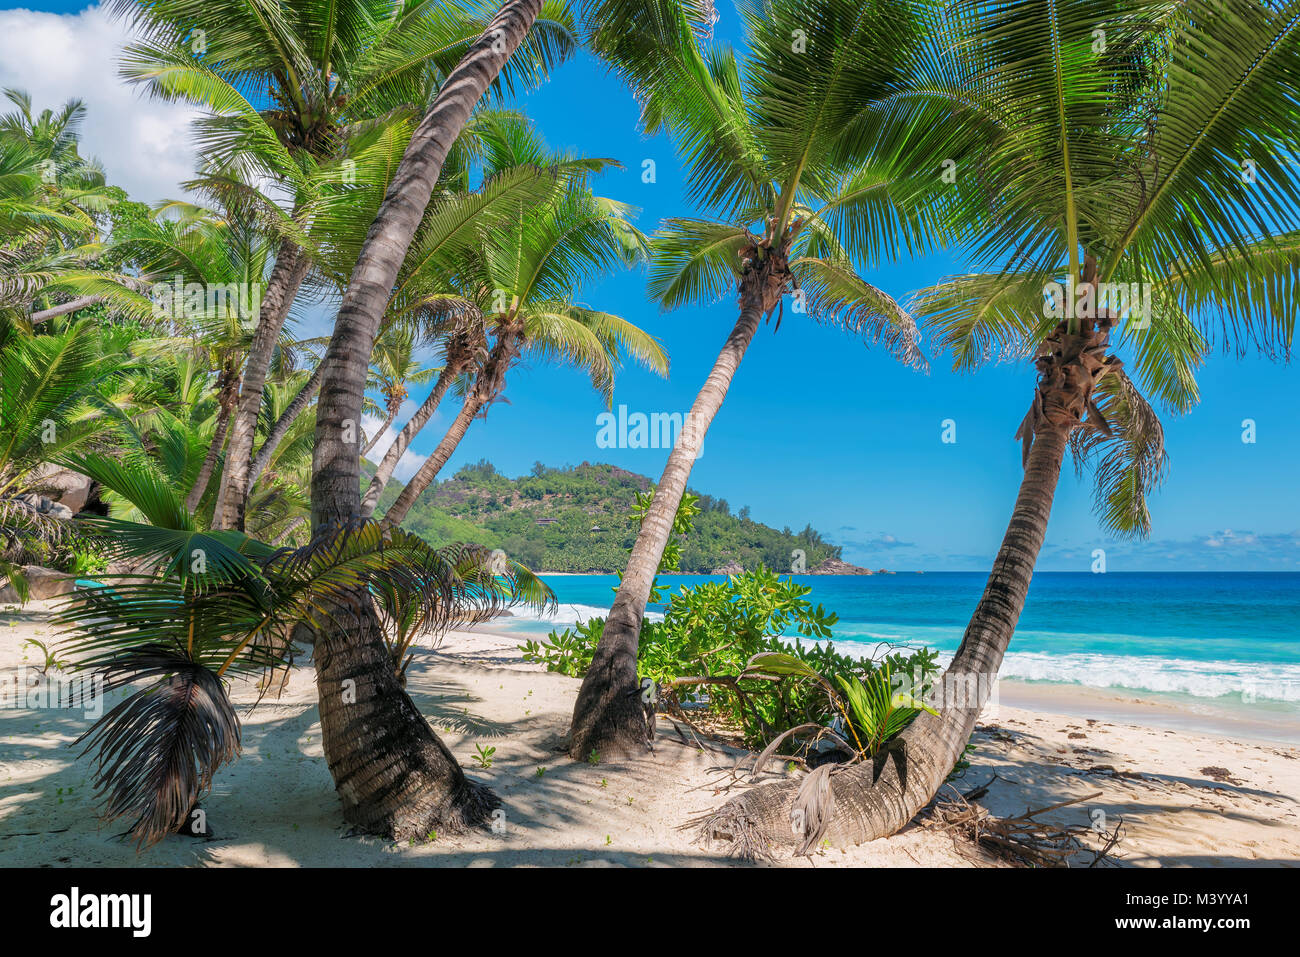 Des cocotiers sur la plage de sable Photo Stock